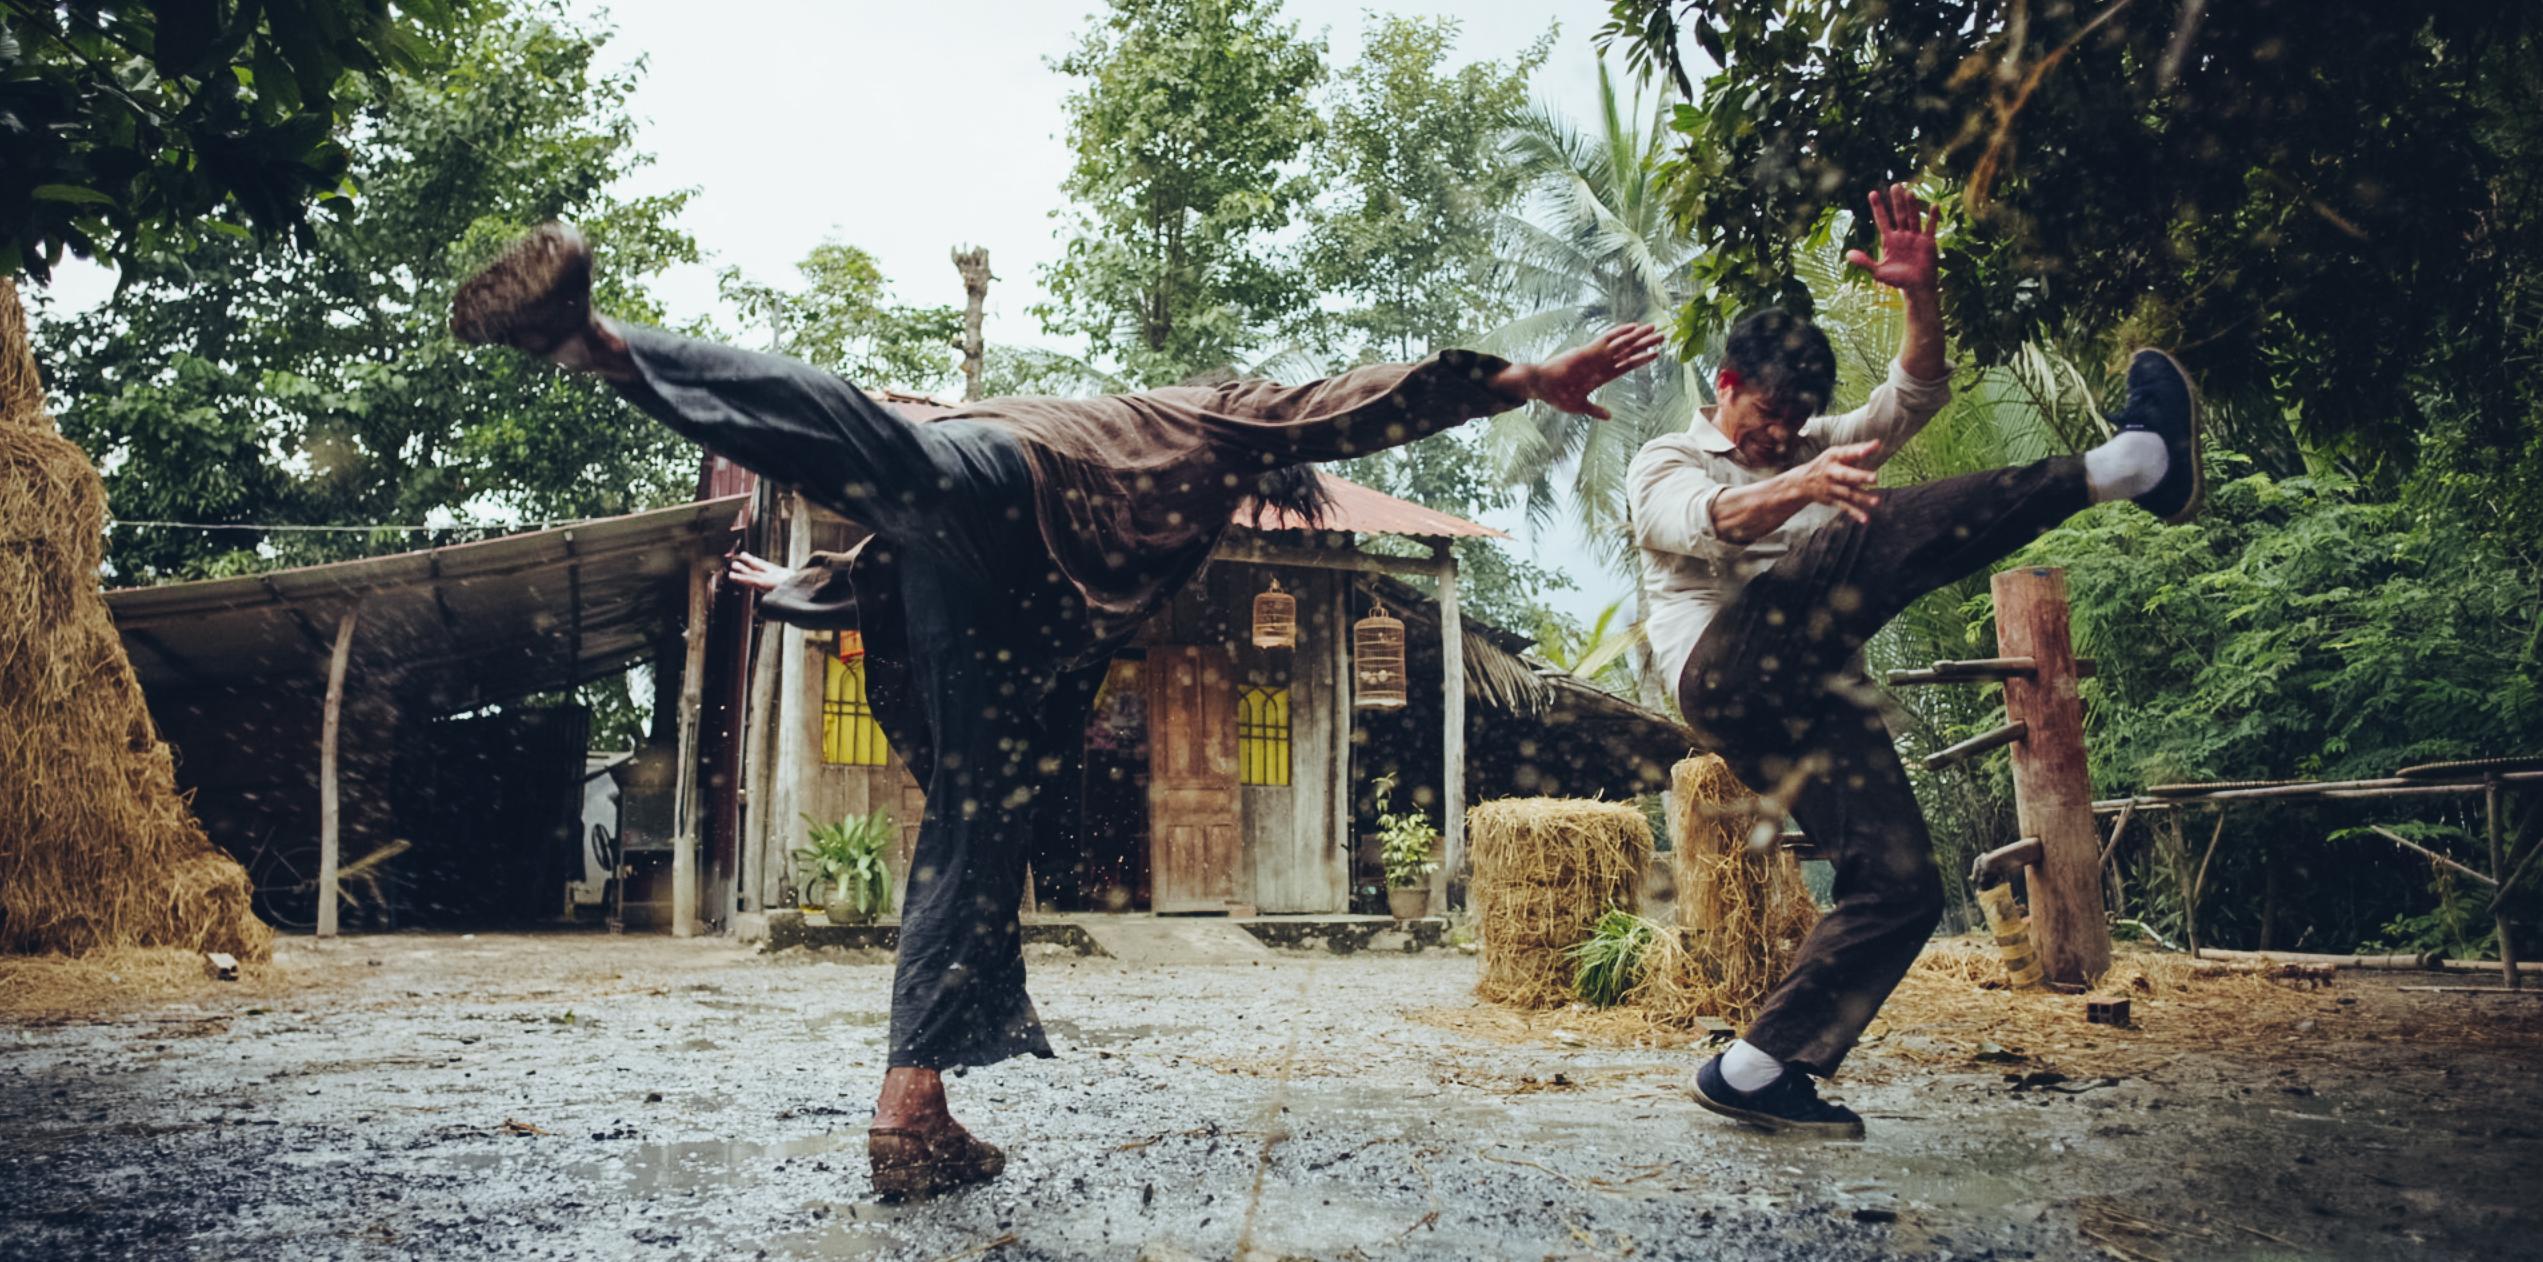 Kiều Minh Tuấn và đồng bọn quậy tưng bừng rạp chiếu phim dịp Tết-7